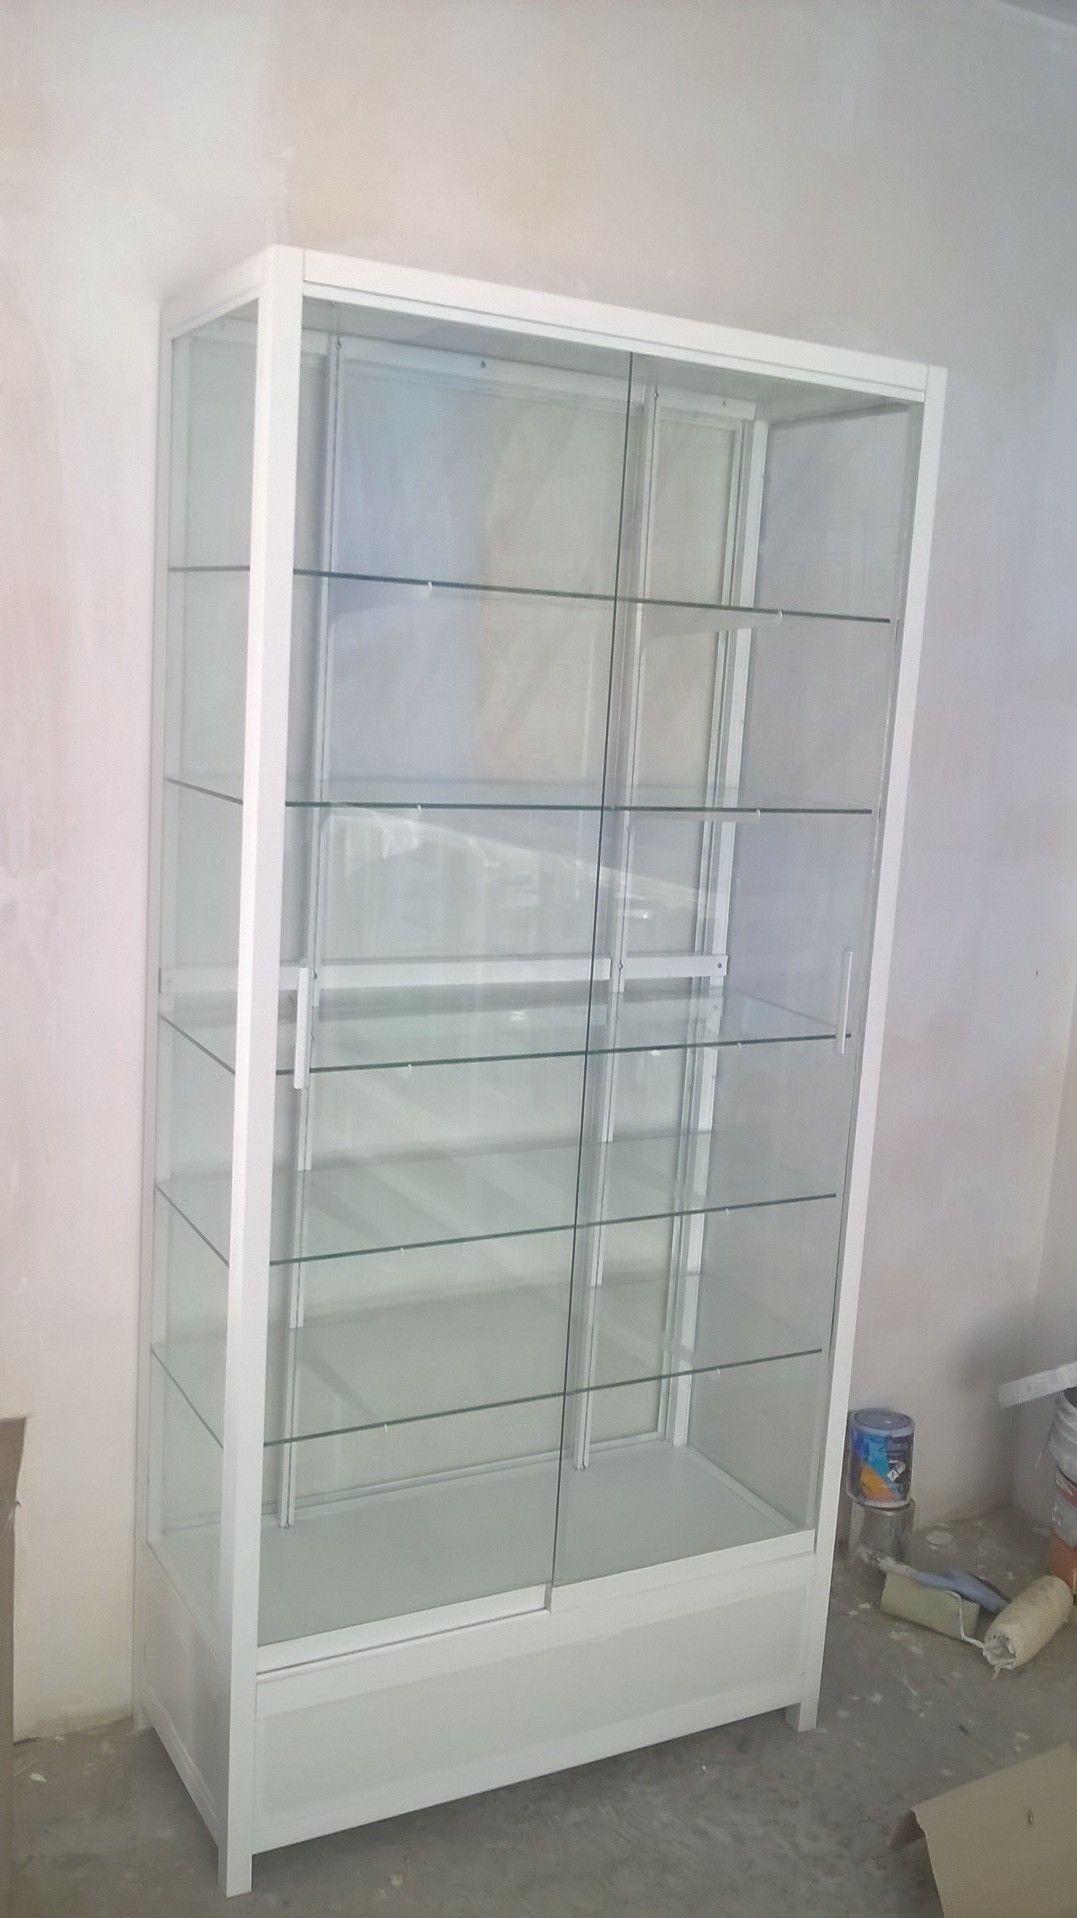 Vitrinas Vertical De Aluminio Aluminium Windows And Doors Aluminium Windows Windows And Doors